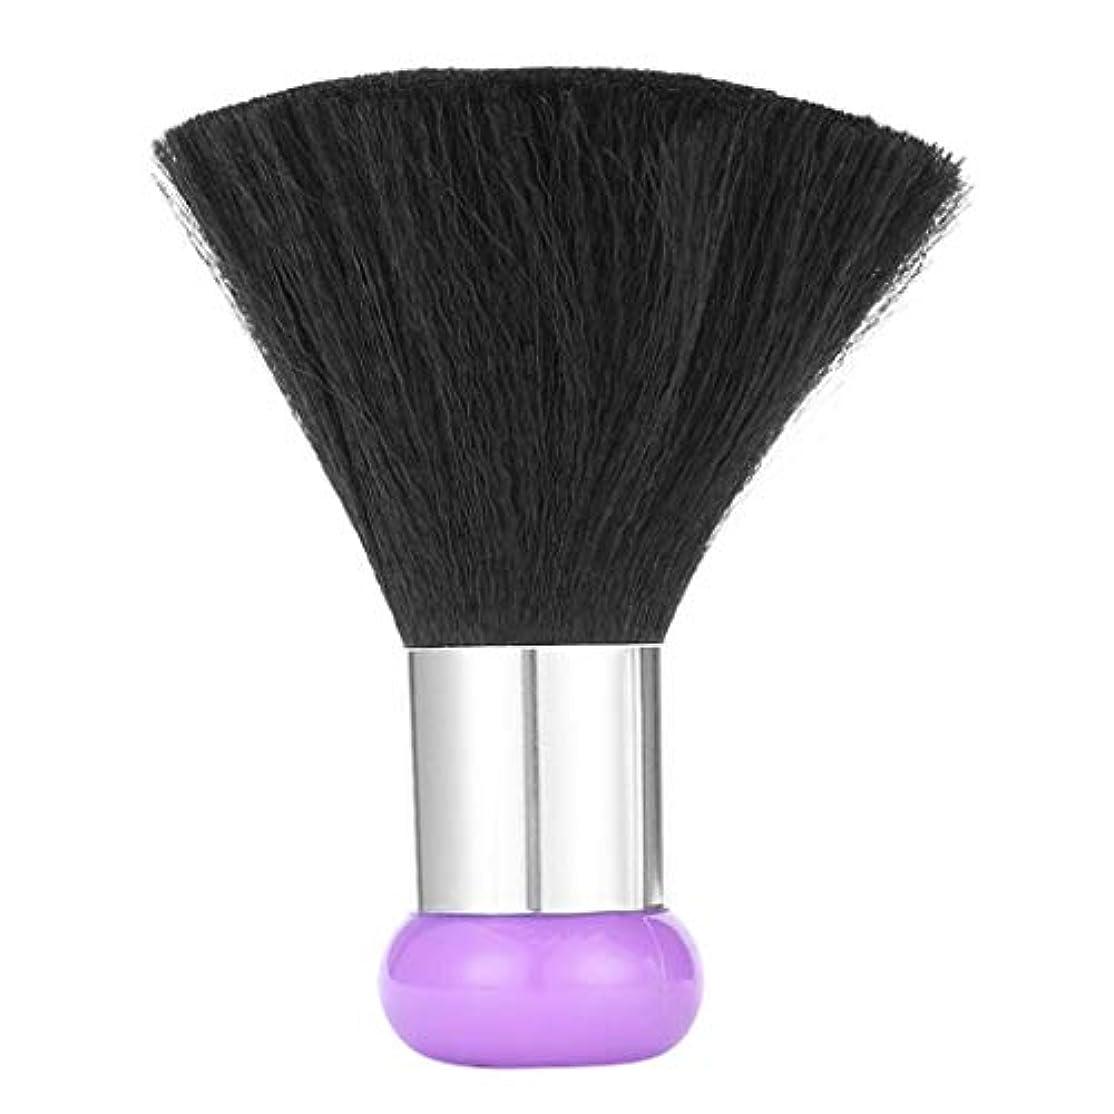 スキニー屋内で宣言ネックダスターブラシ ヘアカット ヘアブラシ クリーナー プロ 美容院 サロン 2色選べ - 紫